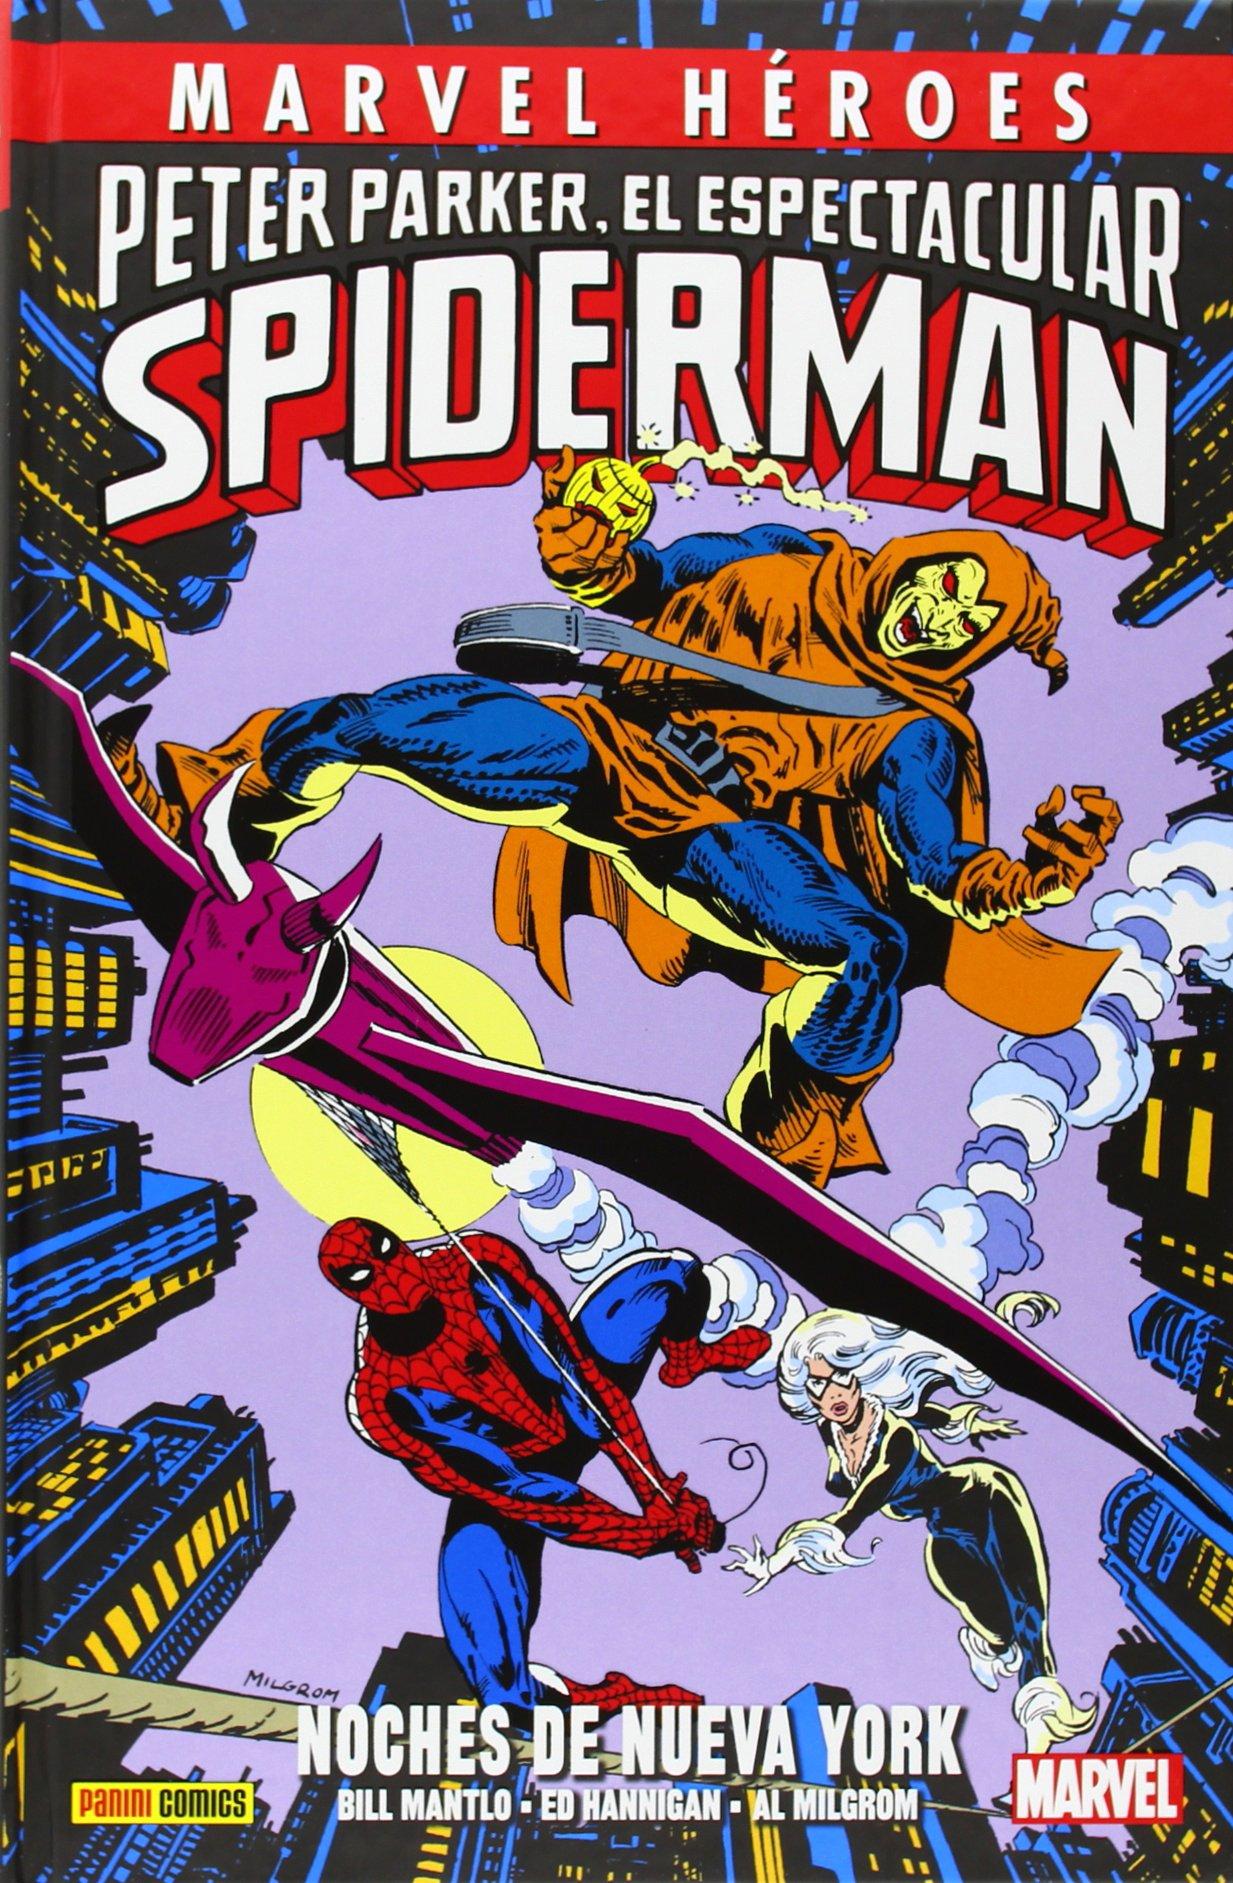 Peter Parker, El Espectacular Spiderman. Noches De Nueva York Marvel Heroes: Amazon.es: Mantlo Bill: Libros